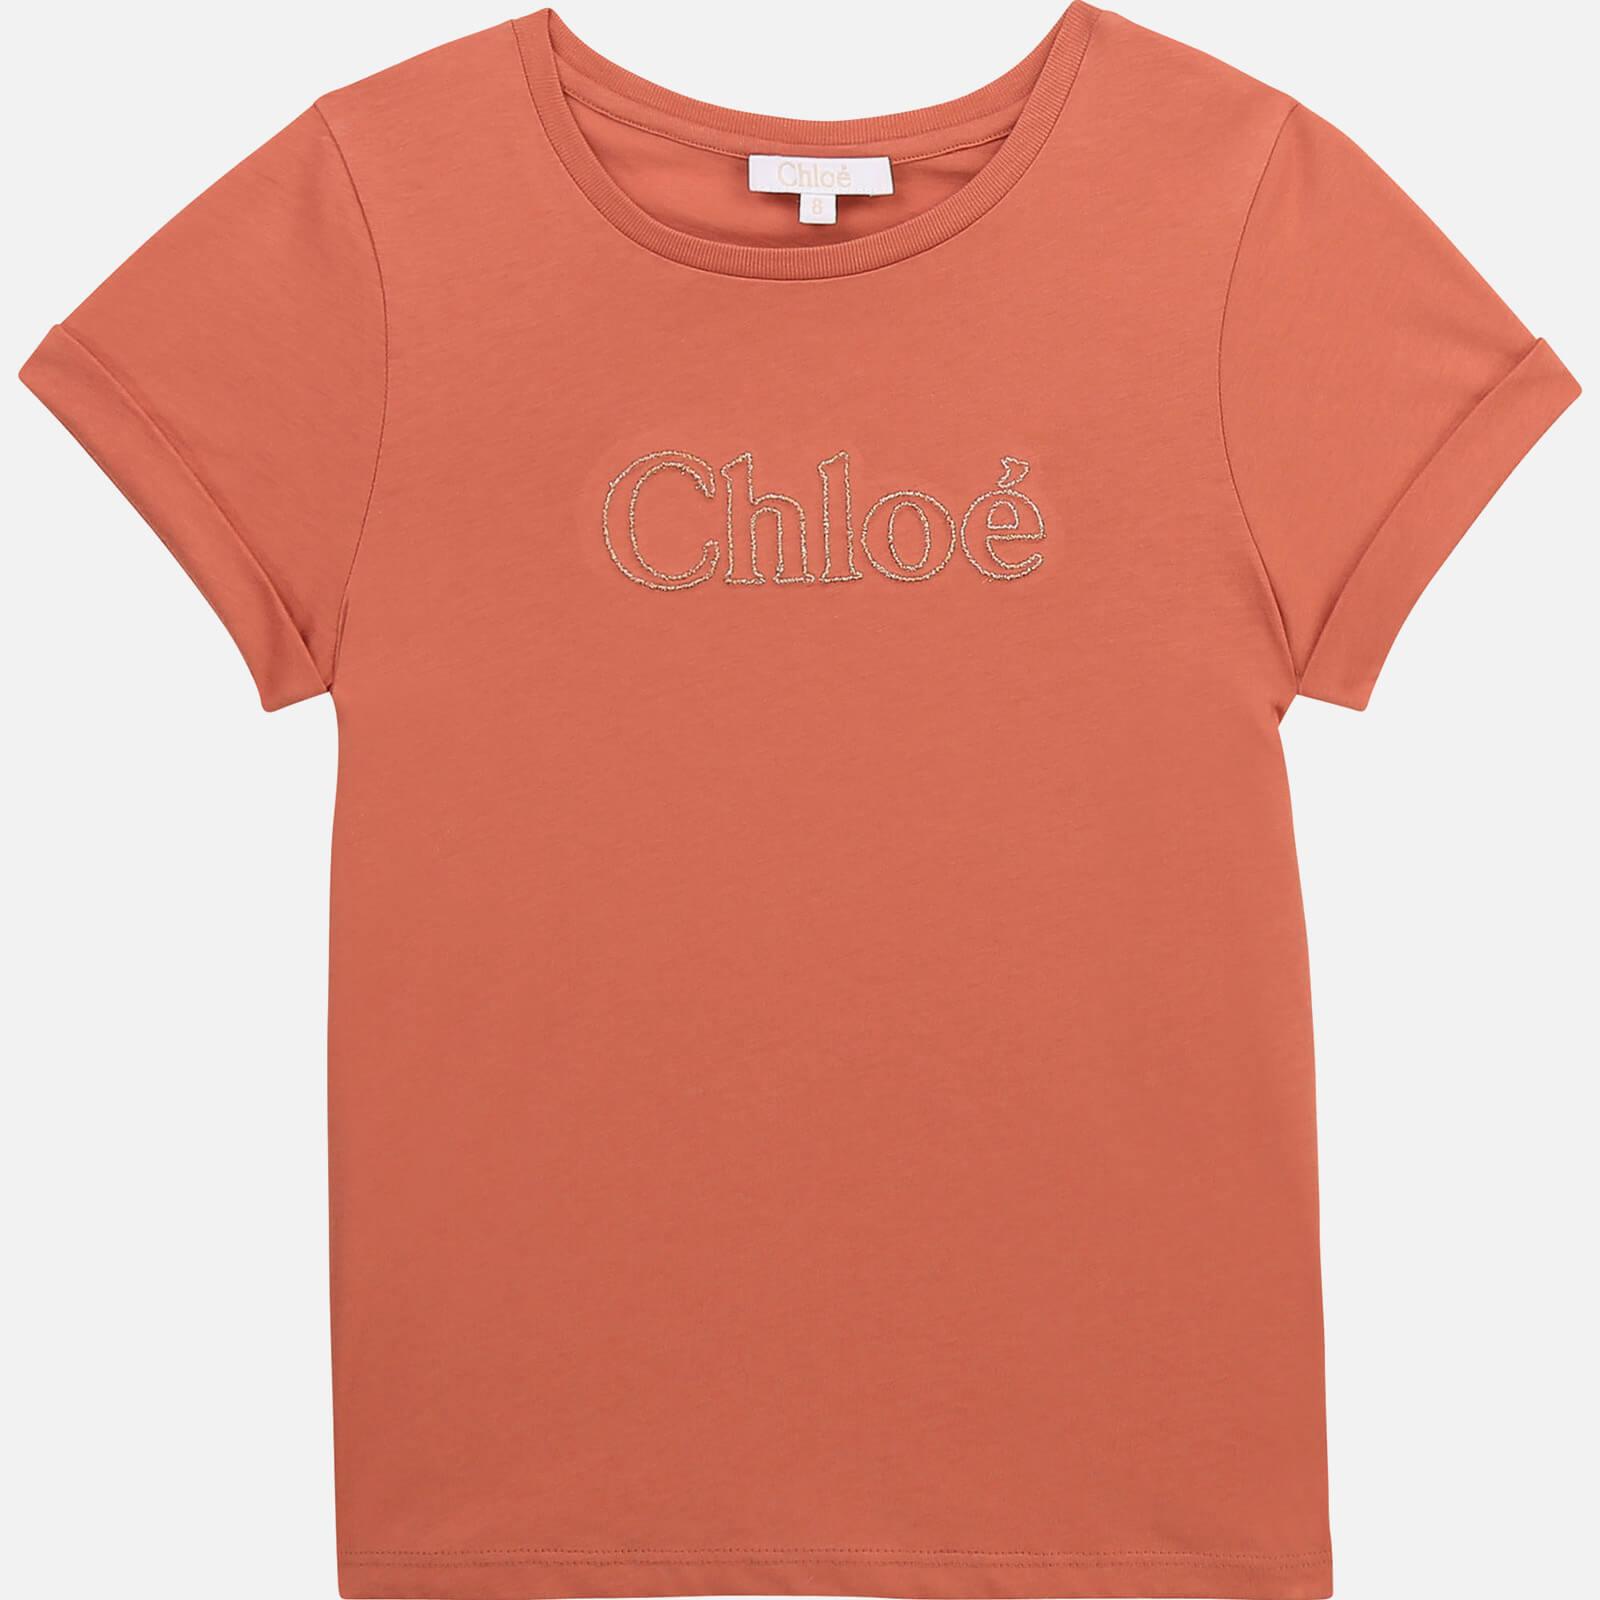 Chloe Girls' Logo T-Shirt - Brick - 4 Years